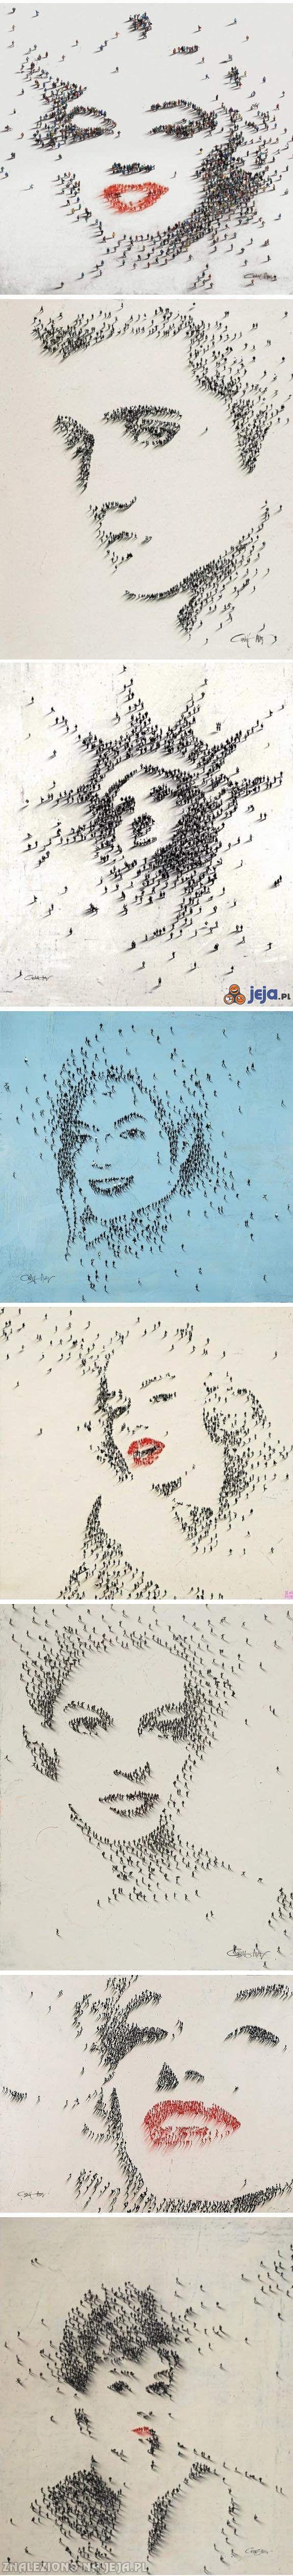 Sztuka z ludzi